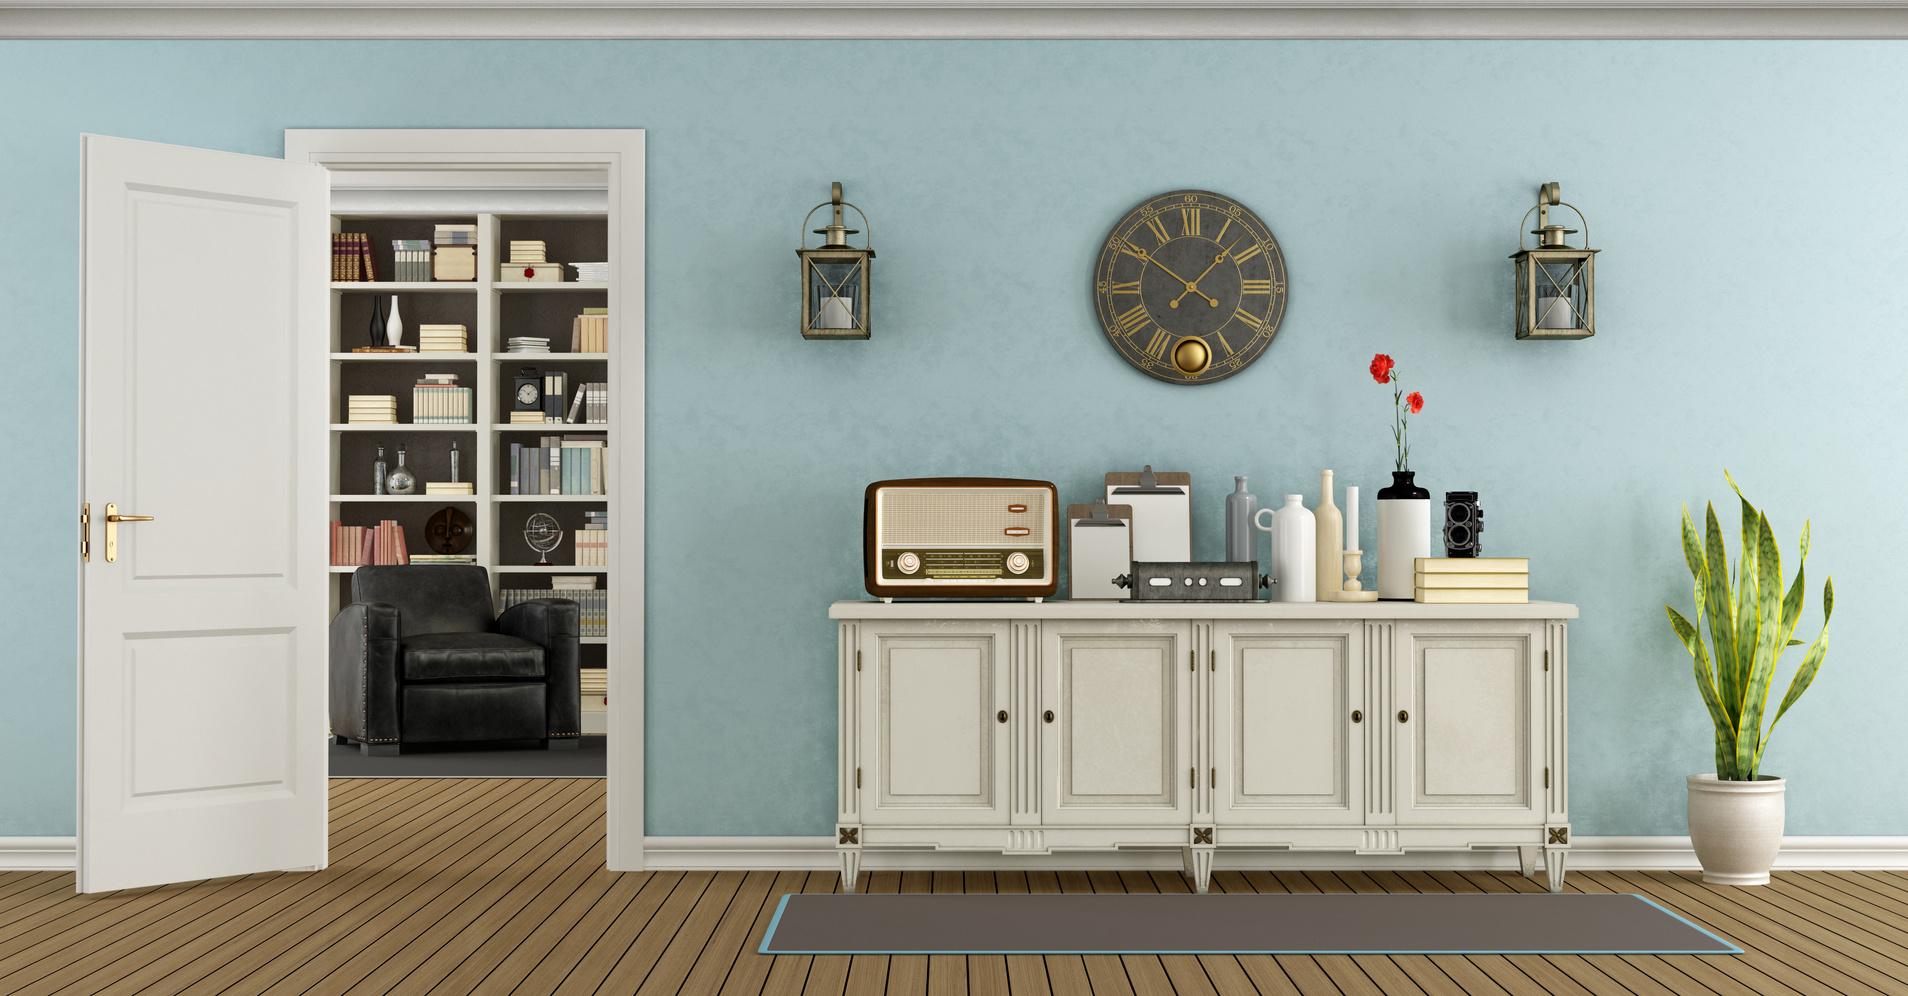 wandfarbe grau palette mit schoner wohnen mit farbe 5 tipps fur den richtigen farbmix 38 und sch c3 b6ner wohnen mit farbe jede farbe wirkt anders mit wandfarbe grau palette